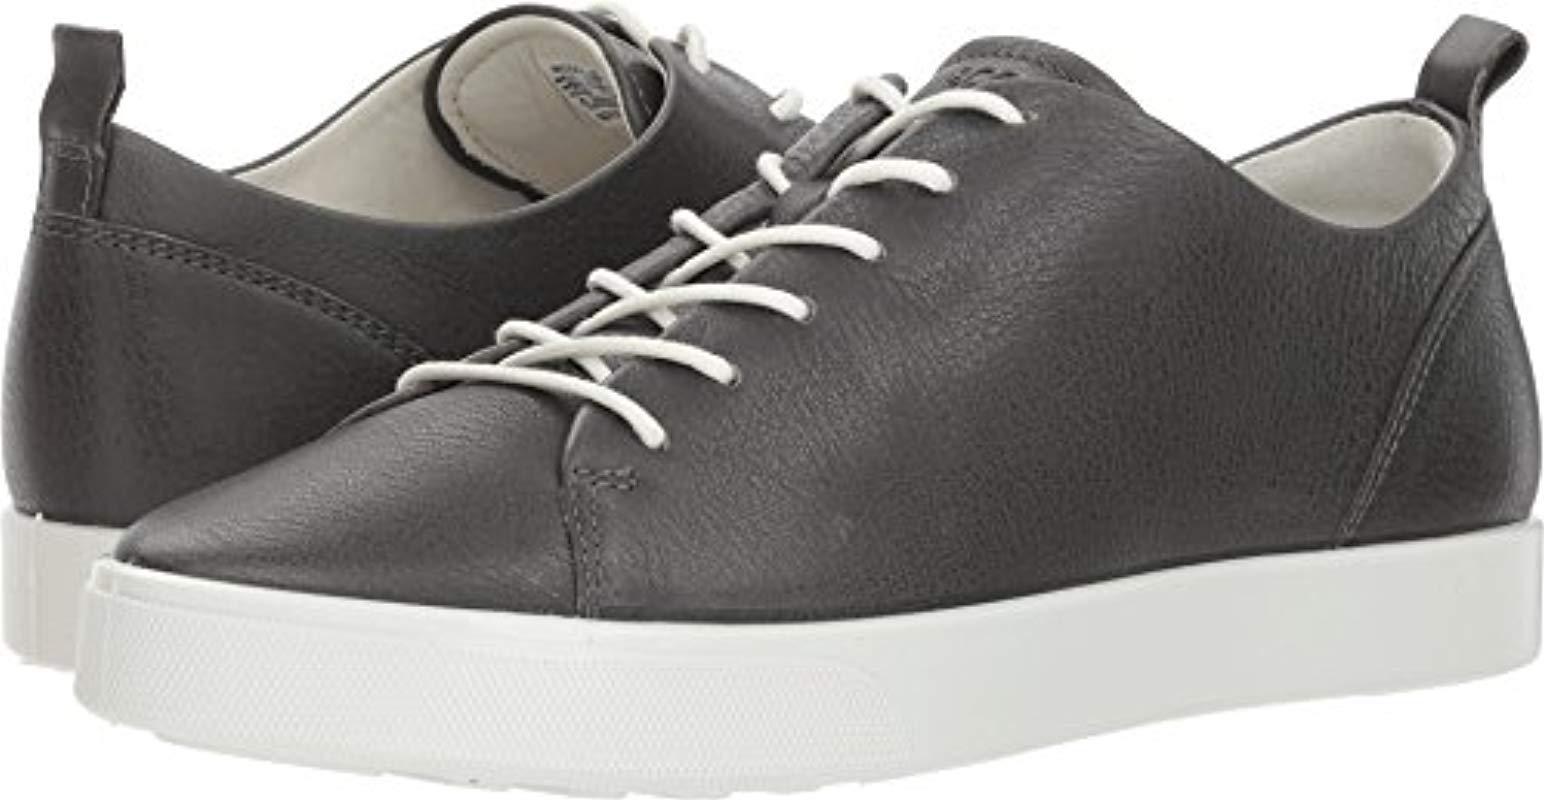 c18688ea8f6d6f Lyst - Ecco Gillian Tie Fashion Sneaker - Save 45%